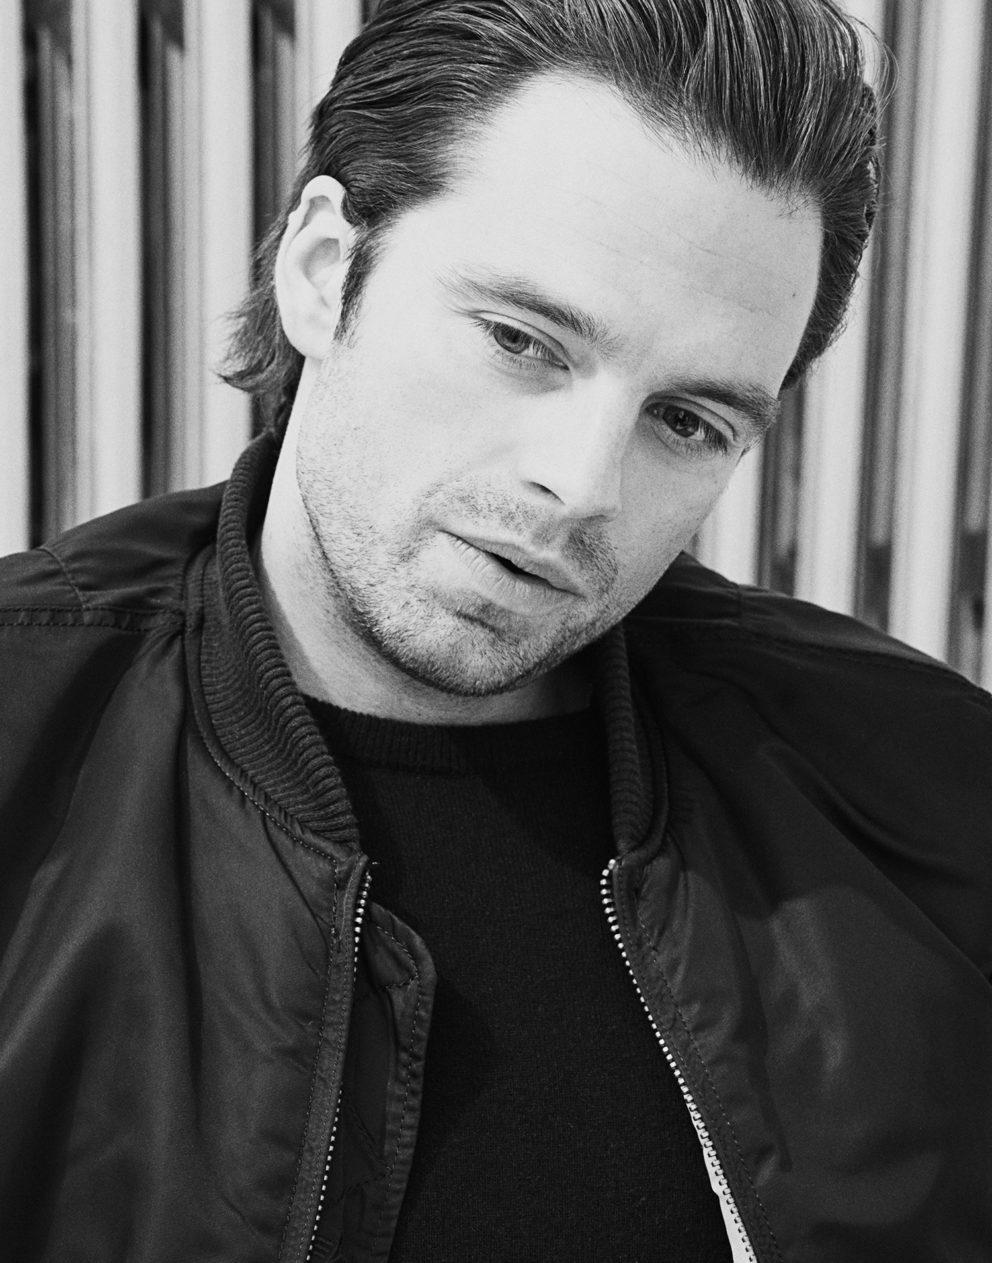 160211 Sebastian Stan By Christian Hogstedt 01